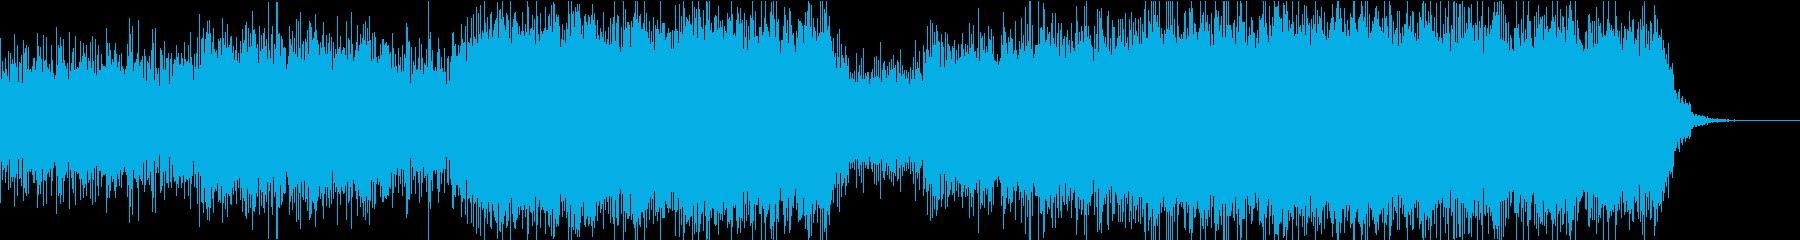 神秘的で少しダークなエレクトロニカの再生済みの波形